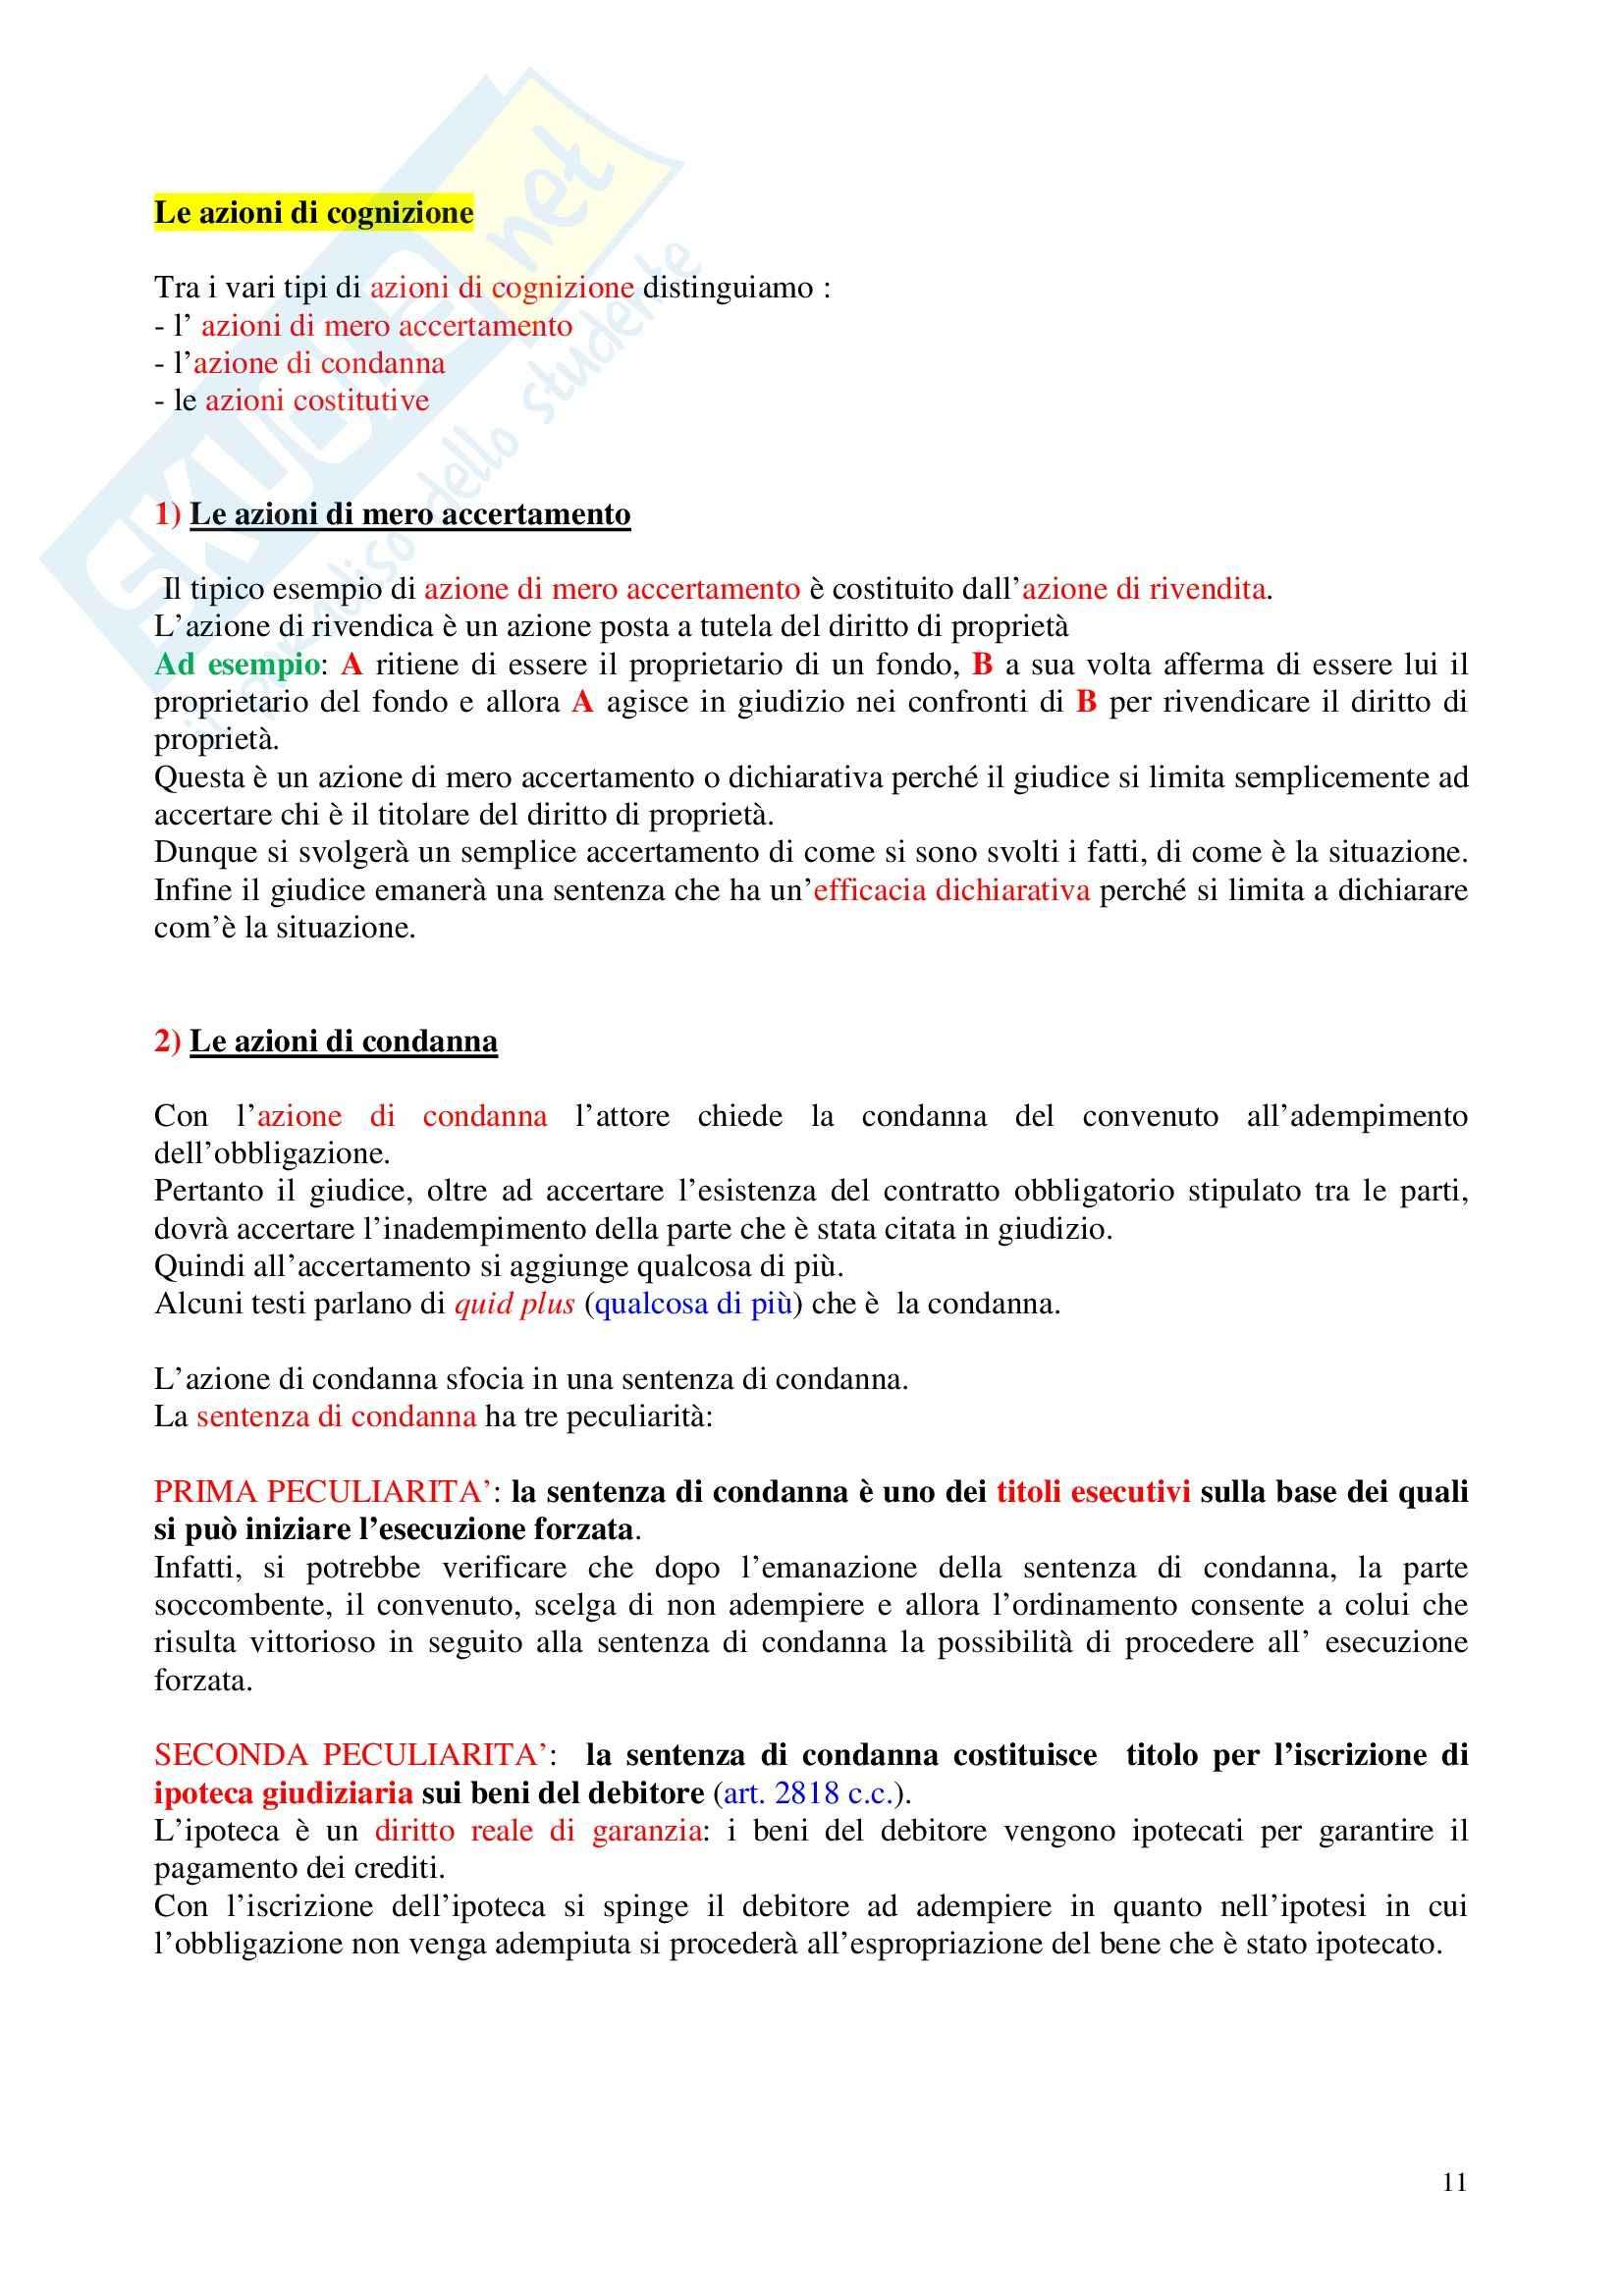 Diritto processuale civile - Appunti Pag. 11